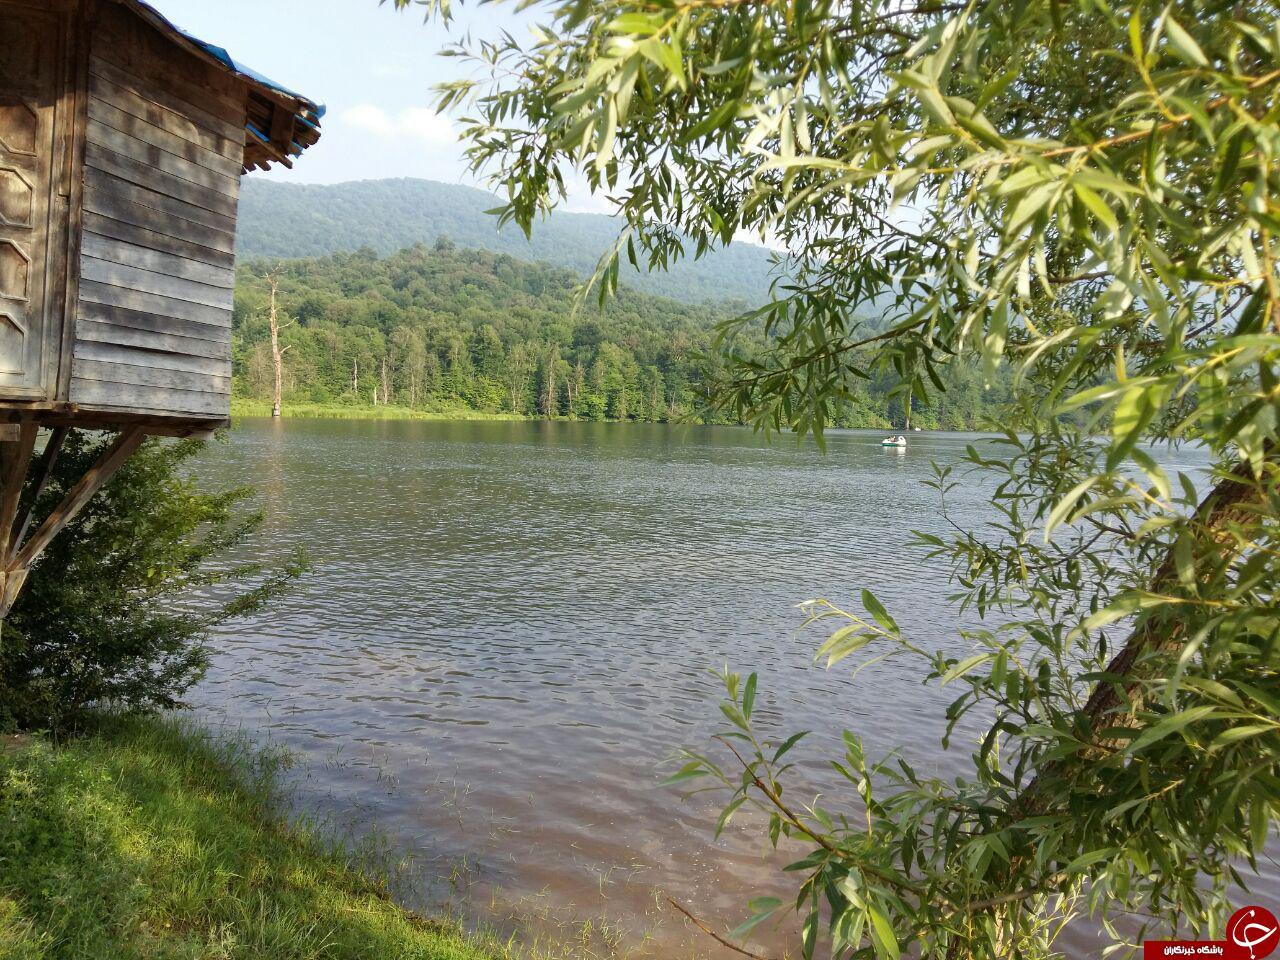 دریاچه ای با زیبایی چهارفصل + تصاویر